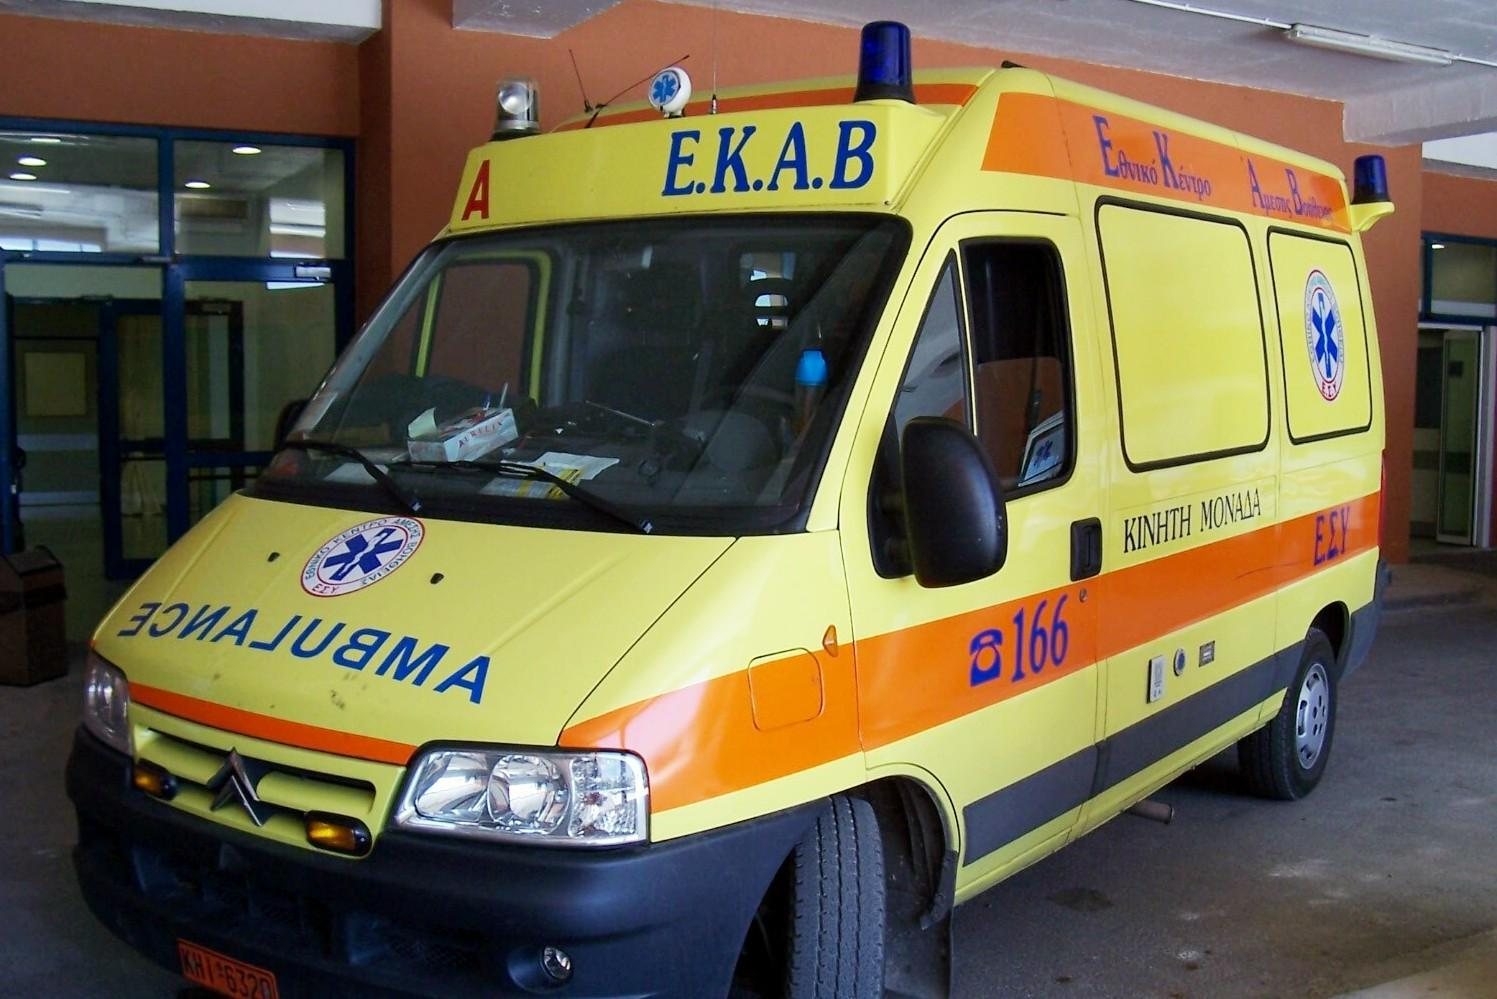 Κρήτη: Εργατικό ατύχημα σε μηχανουργείο